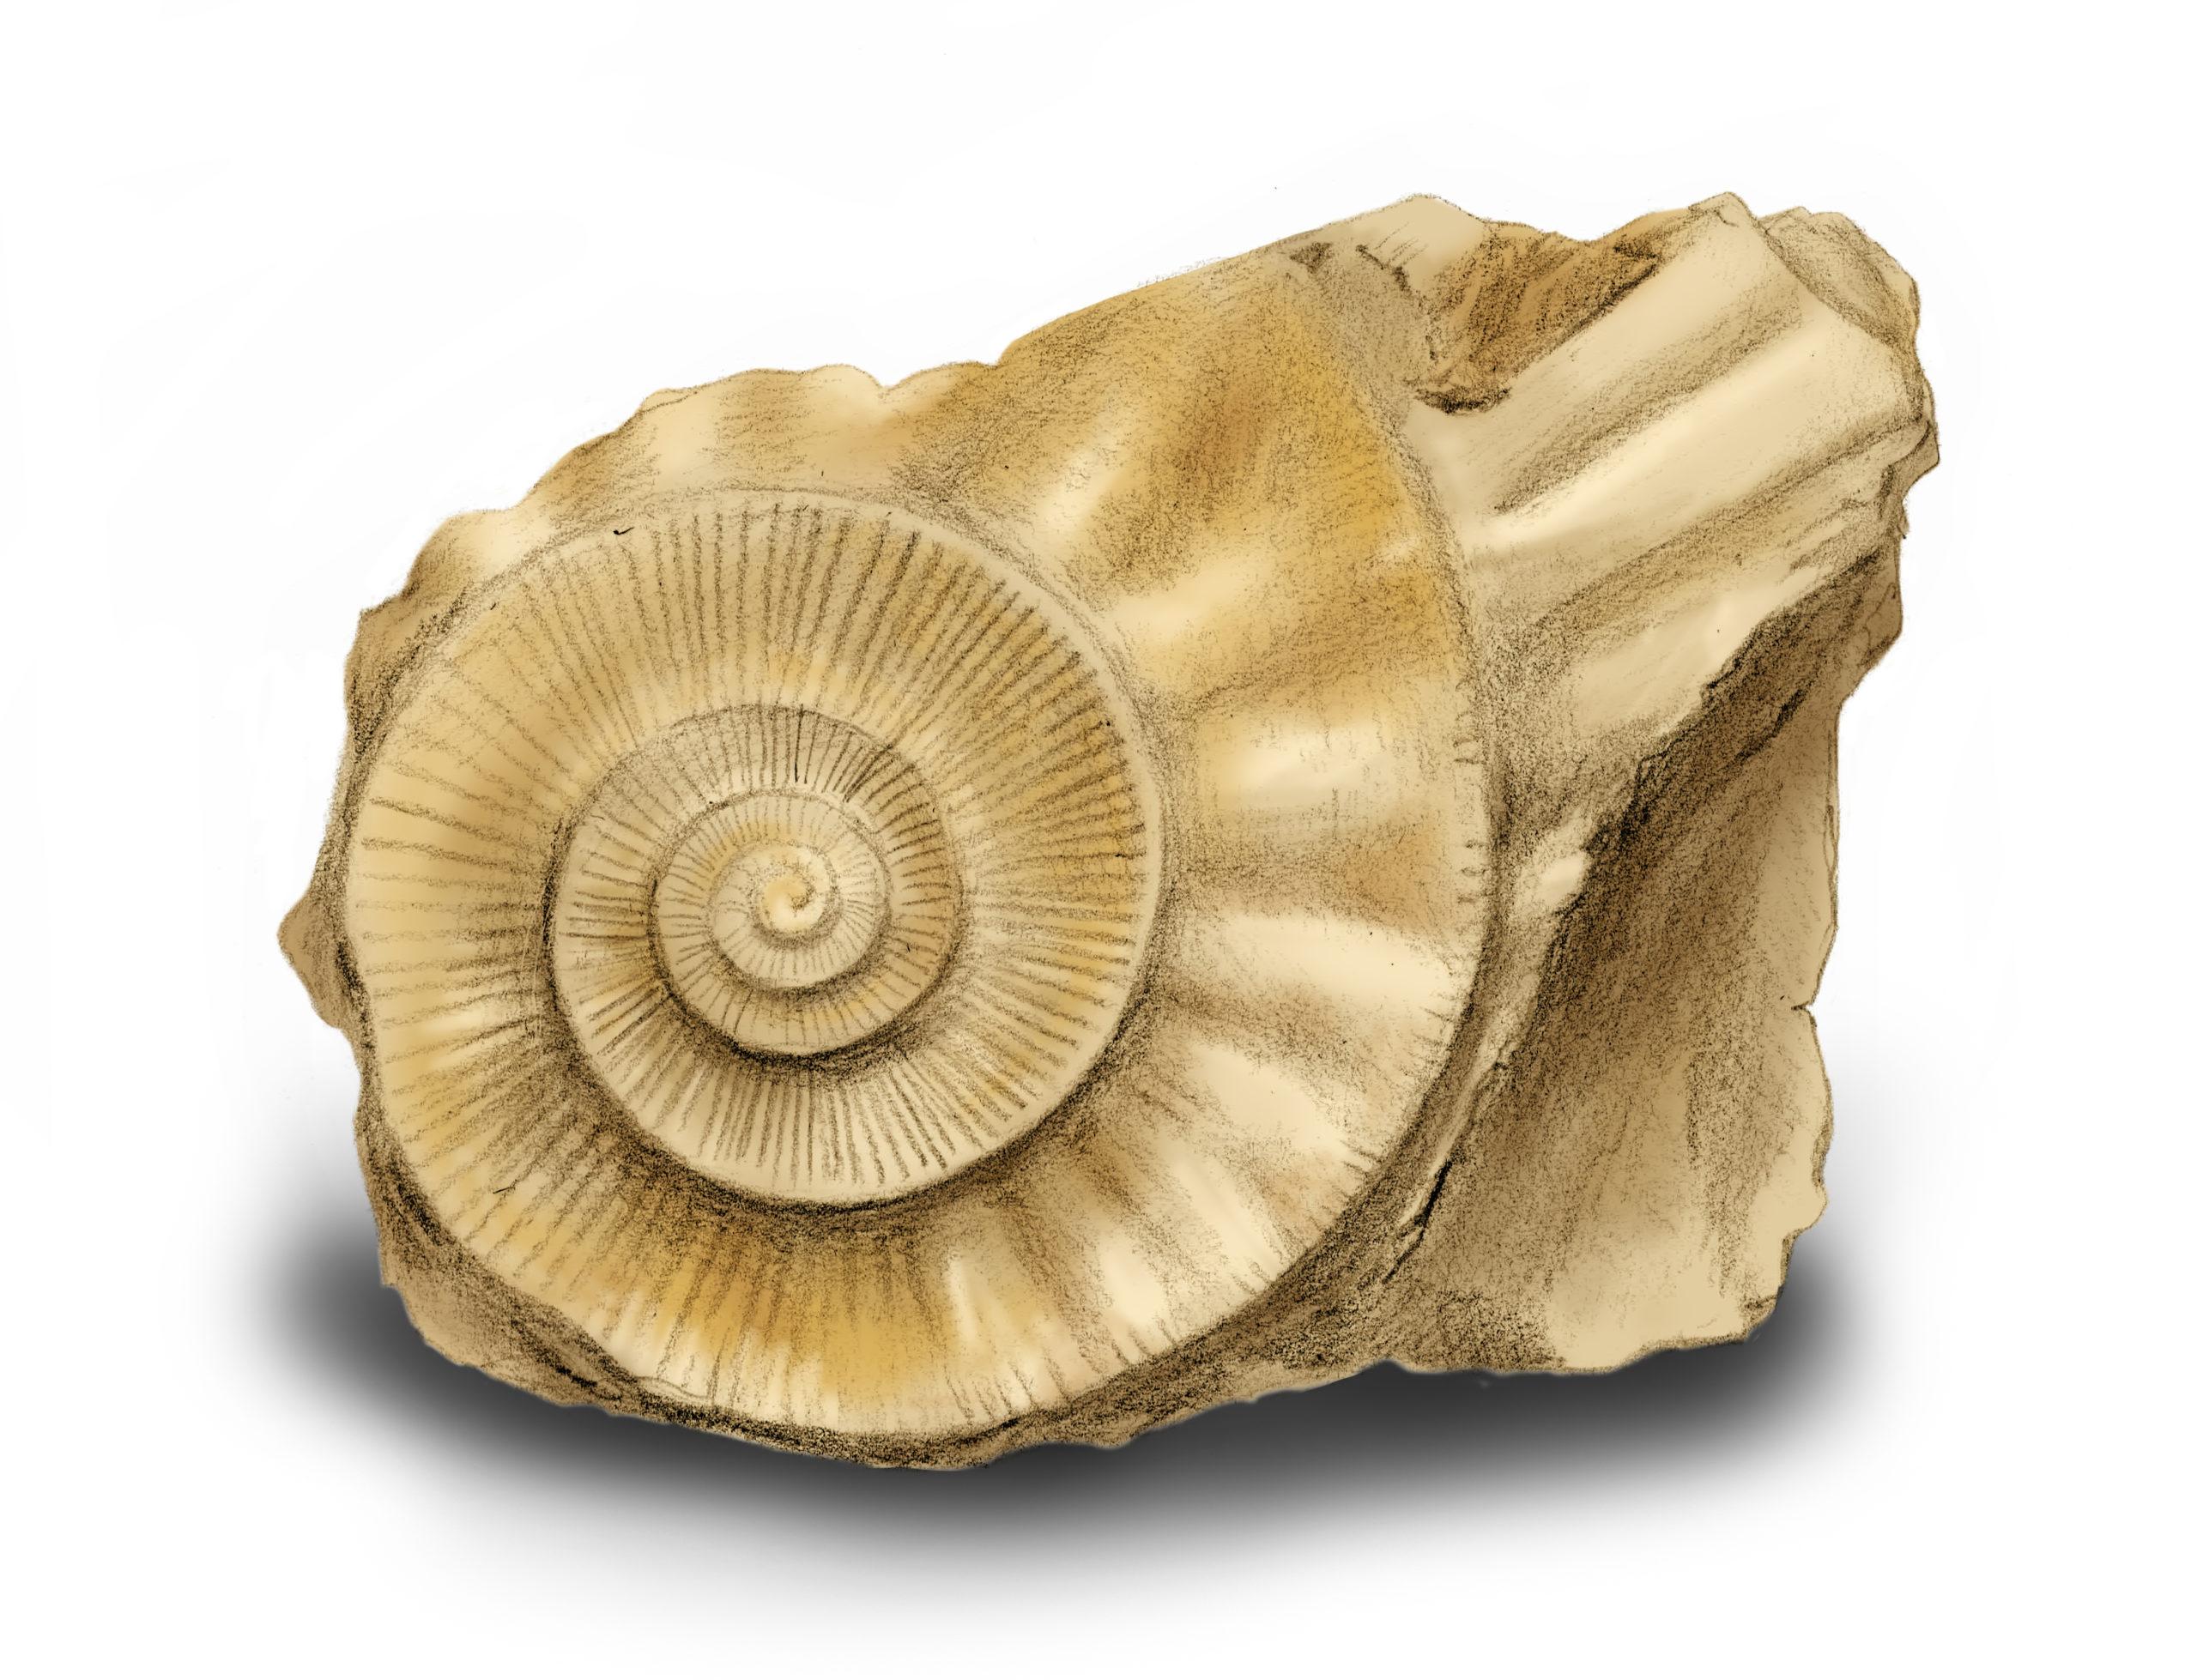 Ammonit-Illustration mit Bleistift